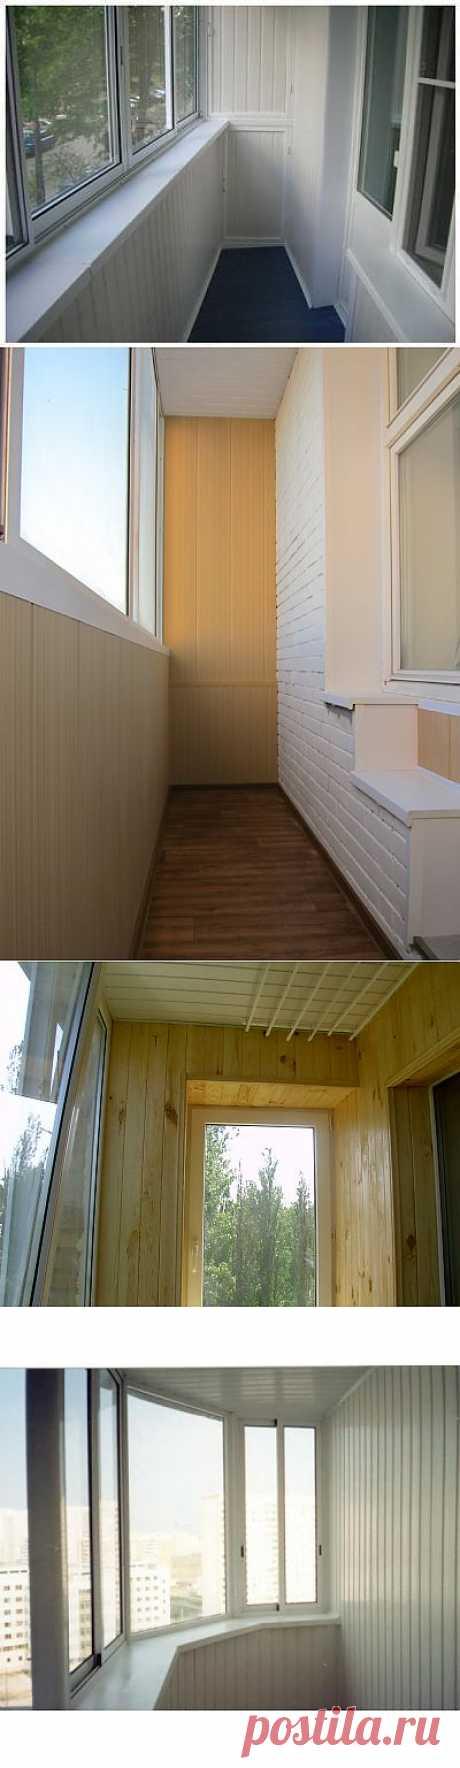 Как и чем отделать балкон внутри!?.